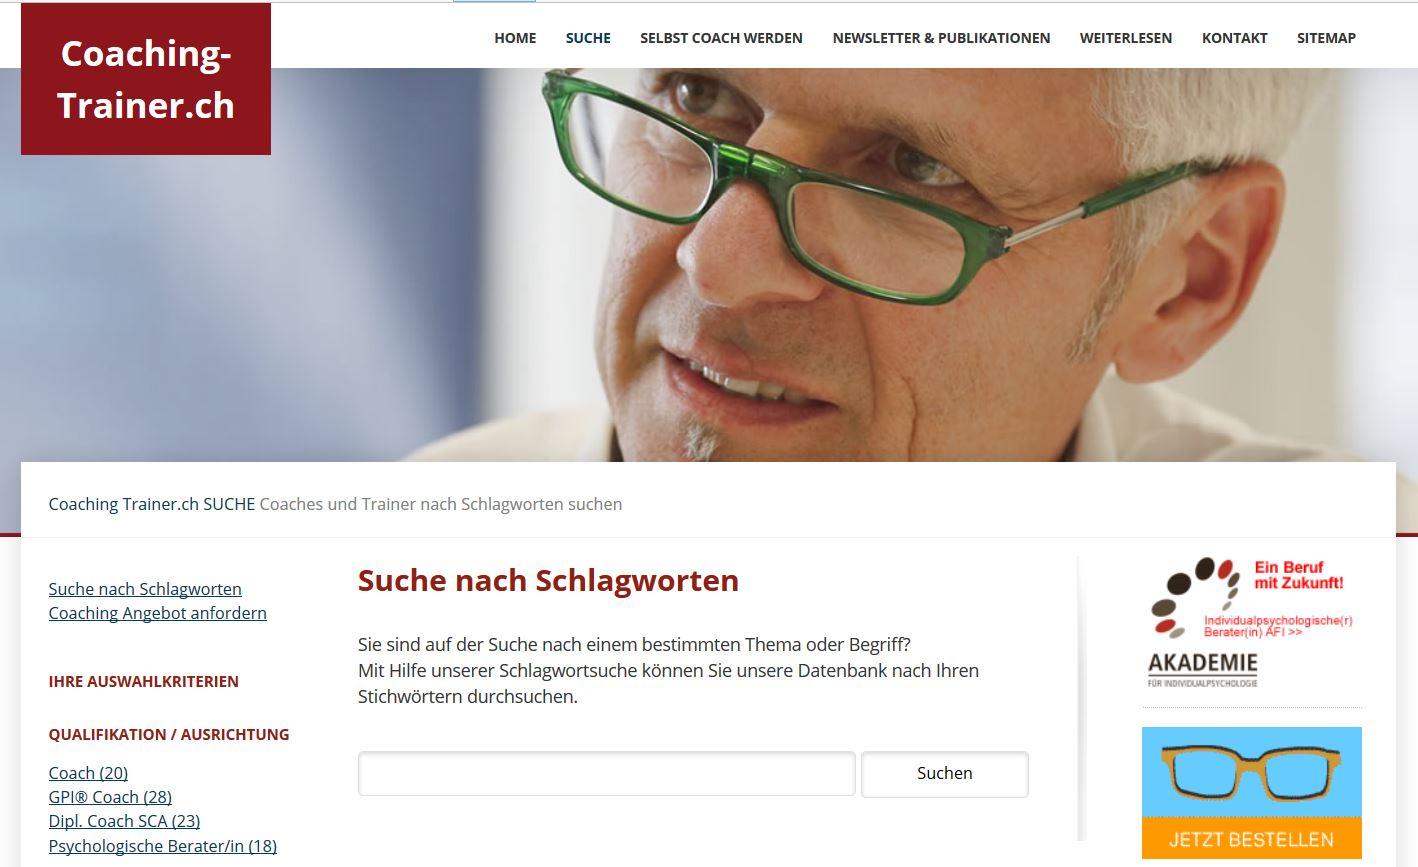 Coaching-Trainer.ch: Coach- und Trainer Verzeichnis